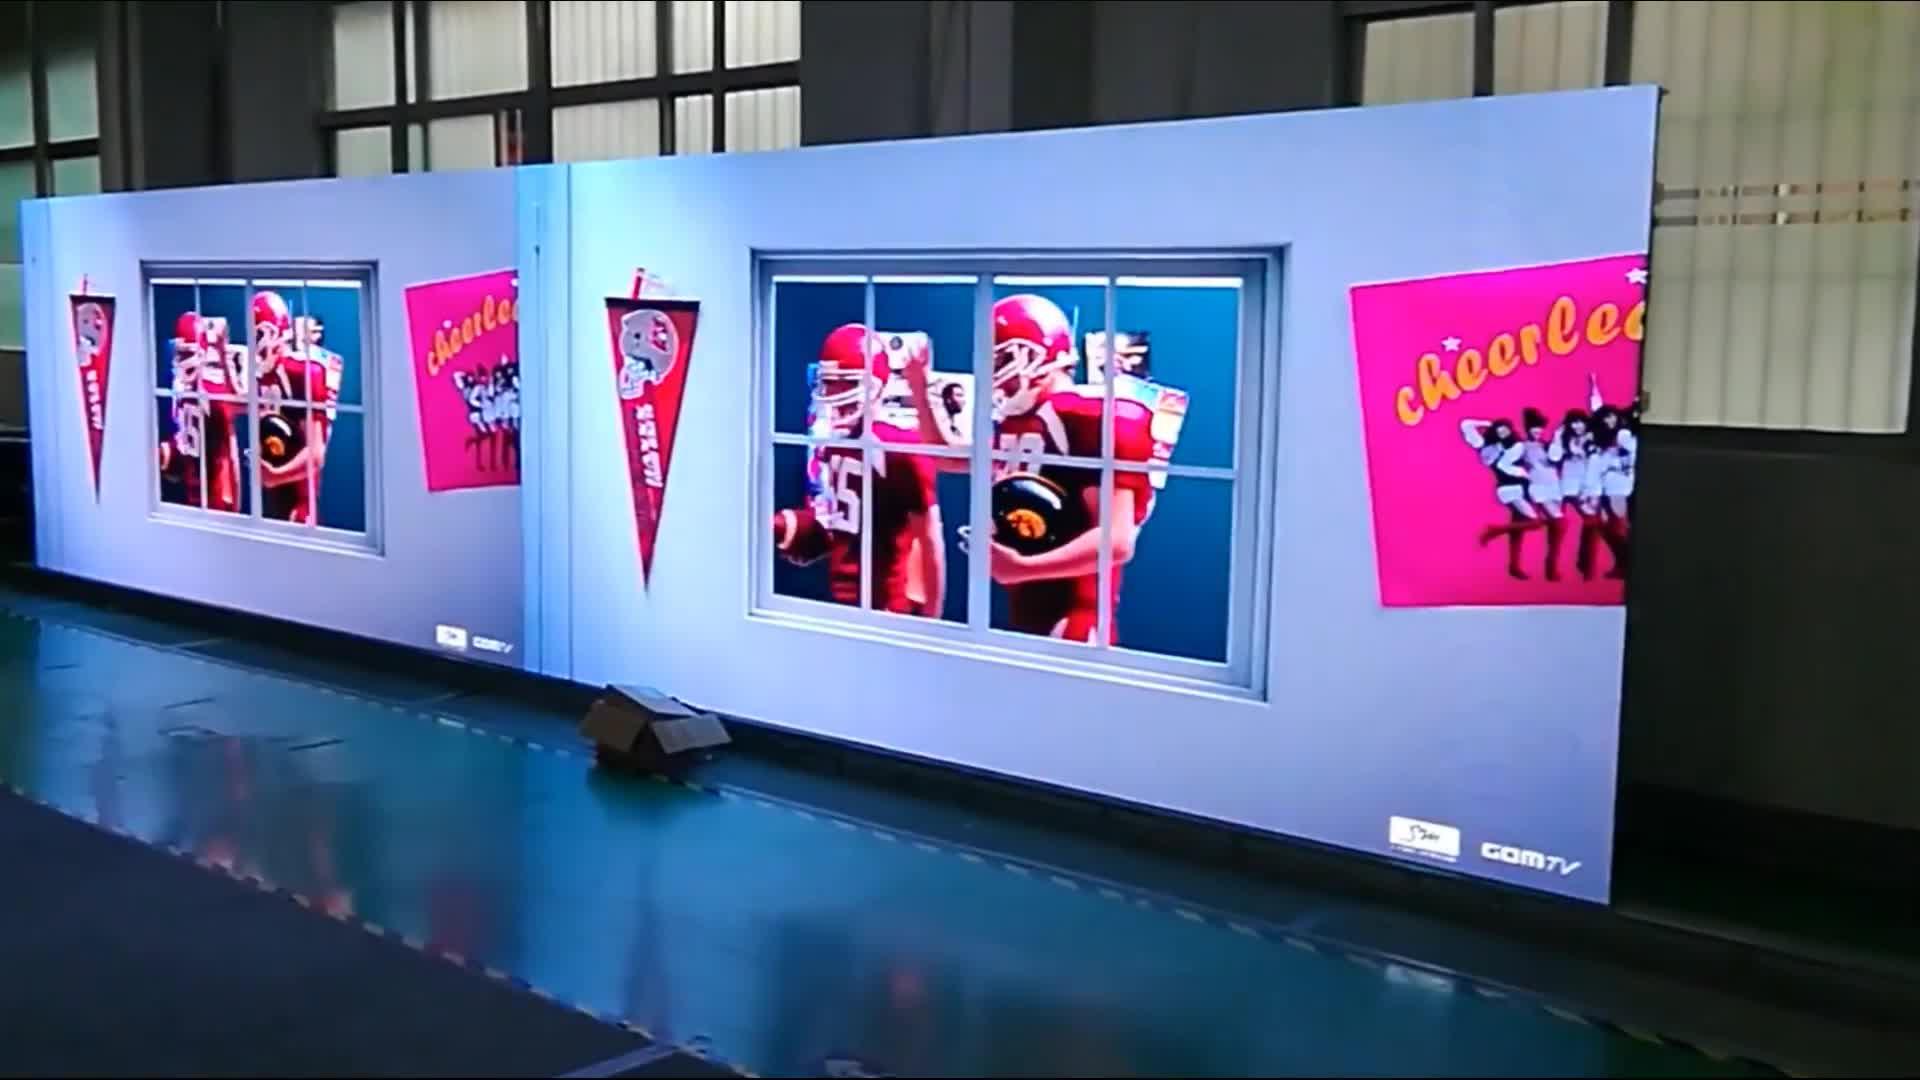 ライトビッグ写真コストフルカラー新画像 hd 画面オープンホットフル中国無料ムービー屋内ビデオレンタル led ディスプレイ